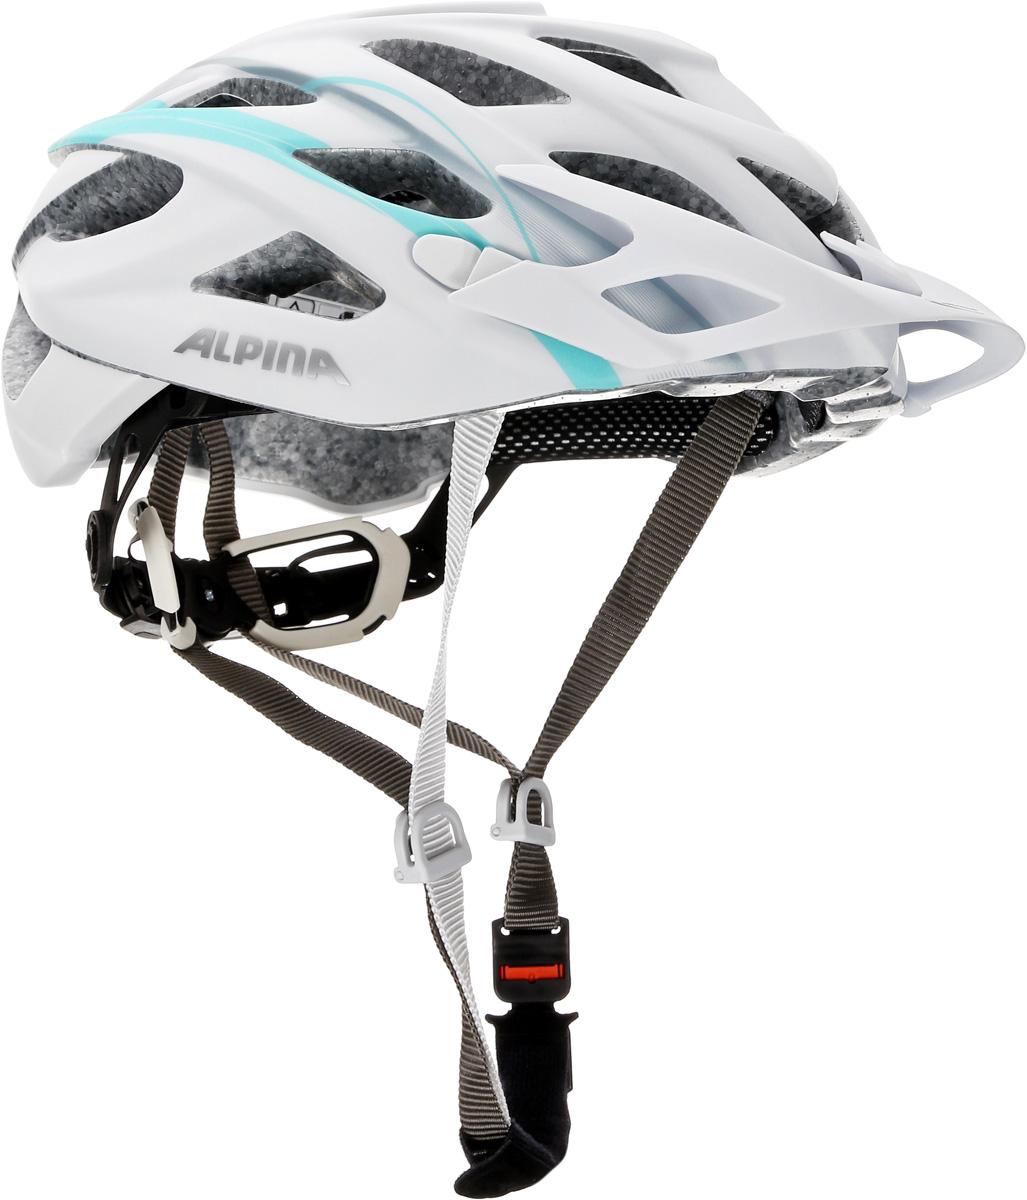 Велошлем Alpina D-Alto LE, цвет: белый, зеленый. Размер 52-57 см